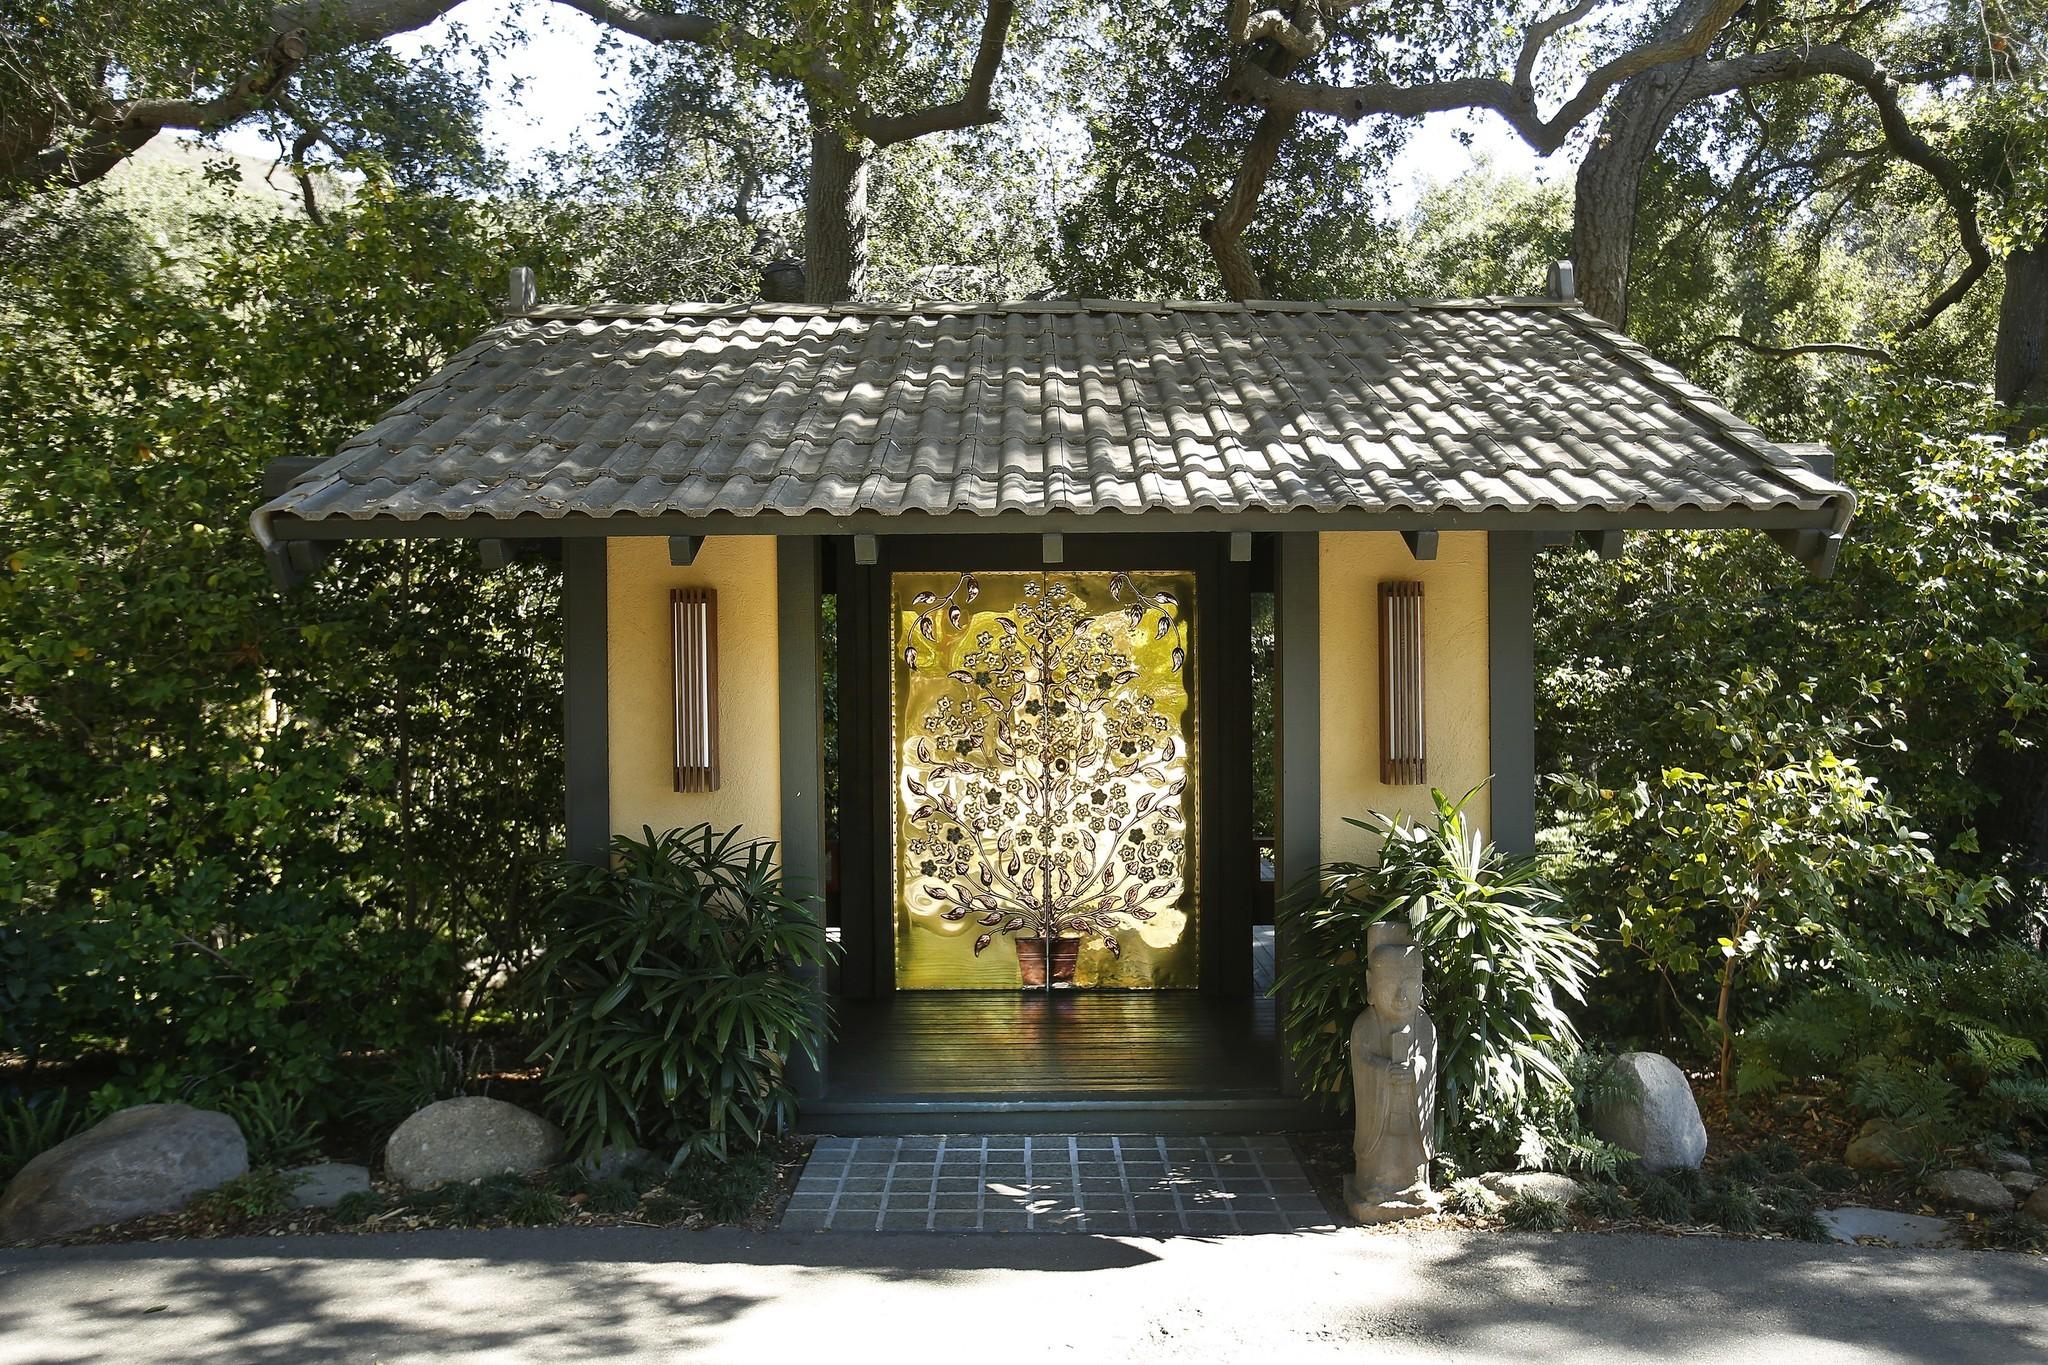 & Golden Door getting a rejuvenation of its own - LA Times pezcame.com